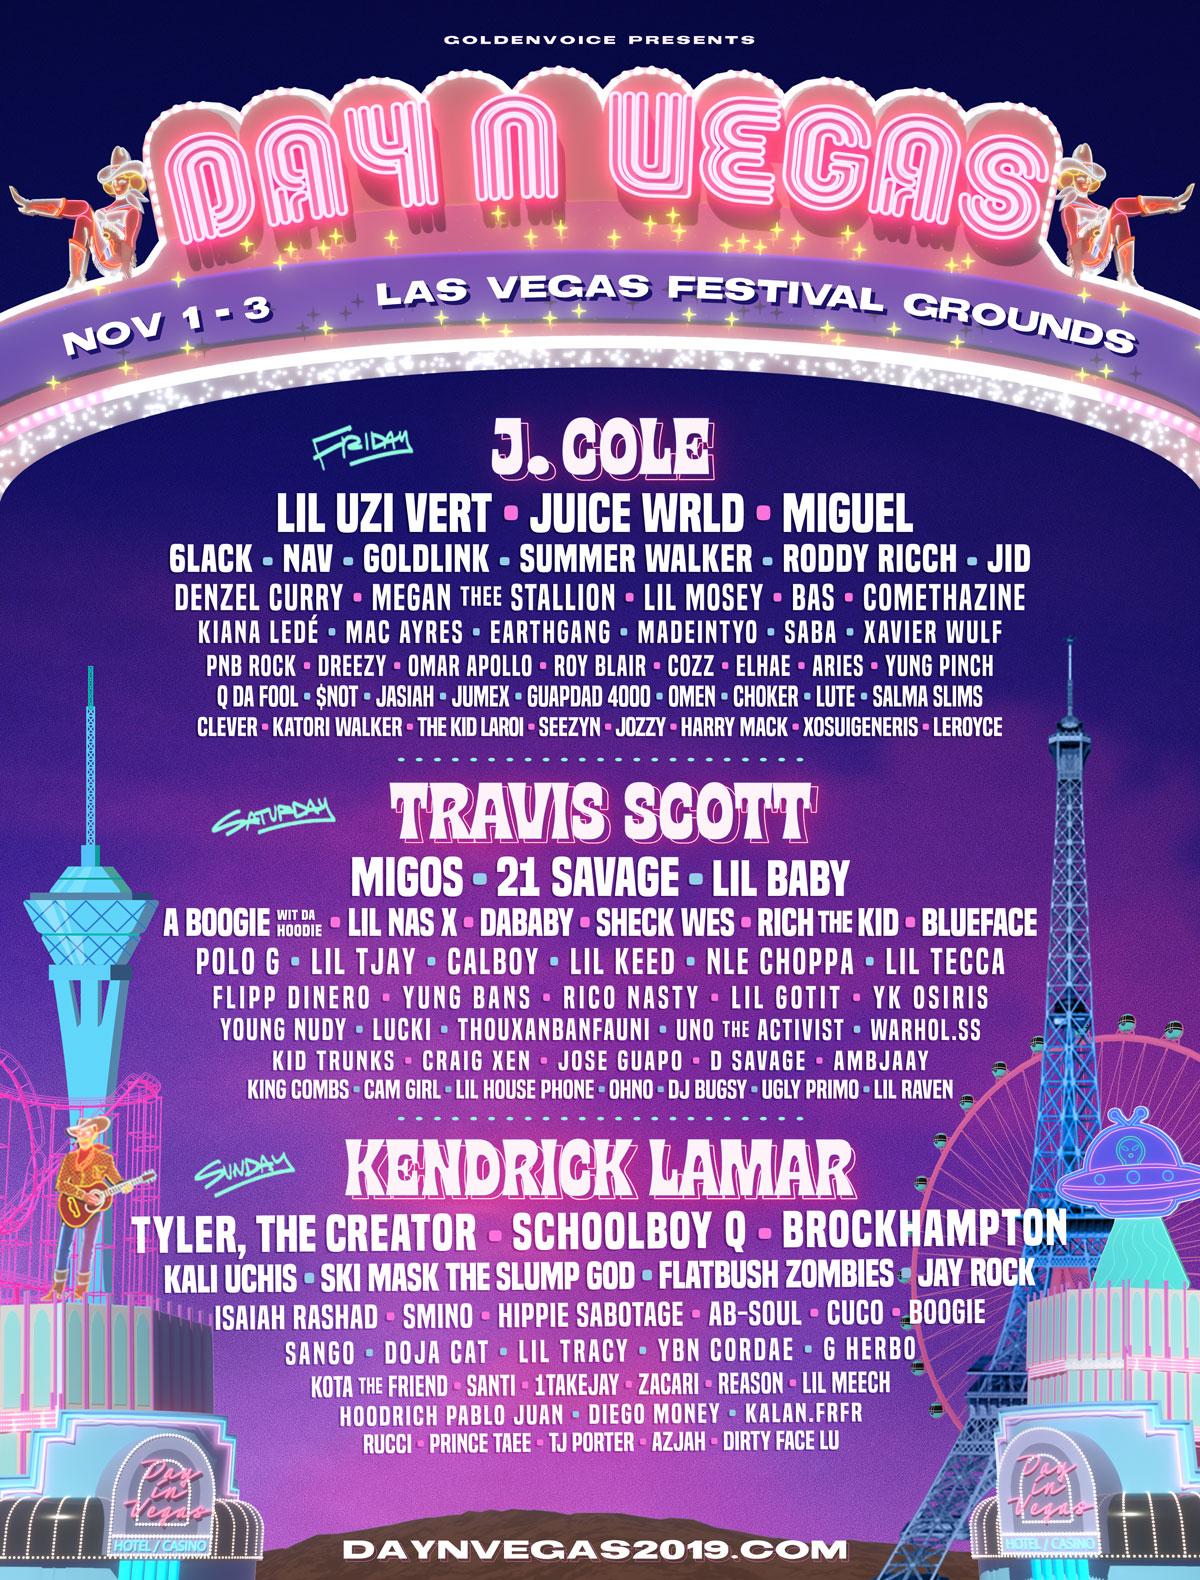 Day N Vegas 2019 poster